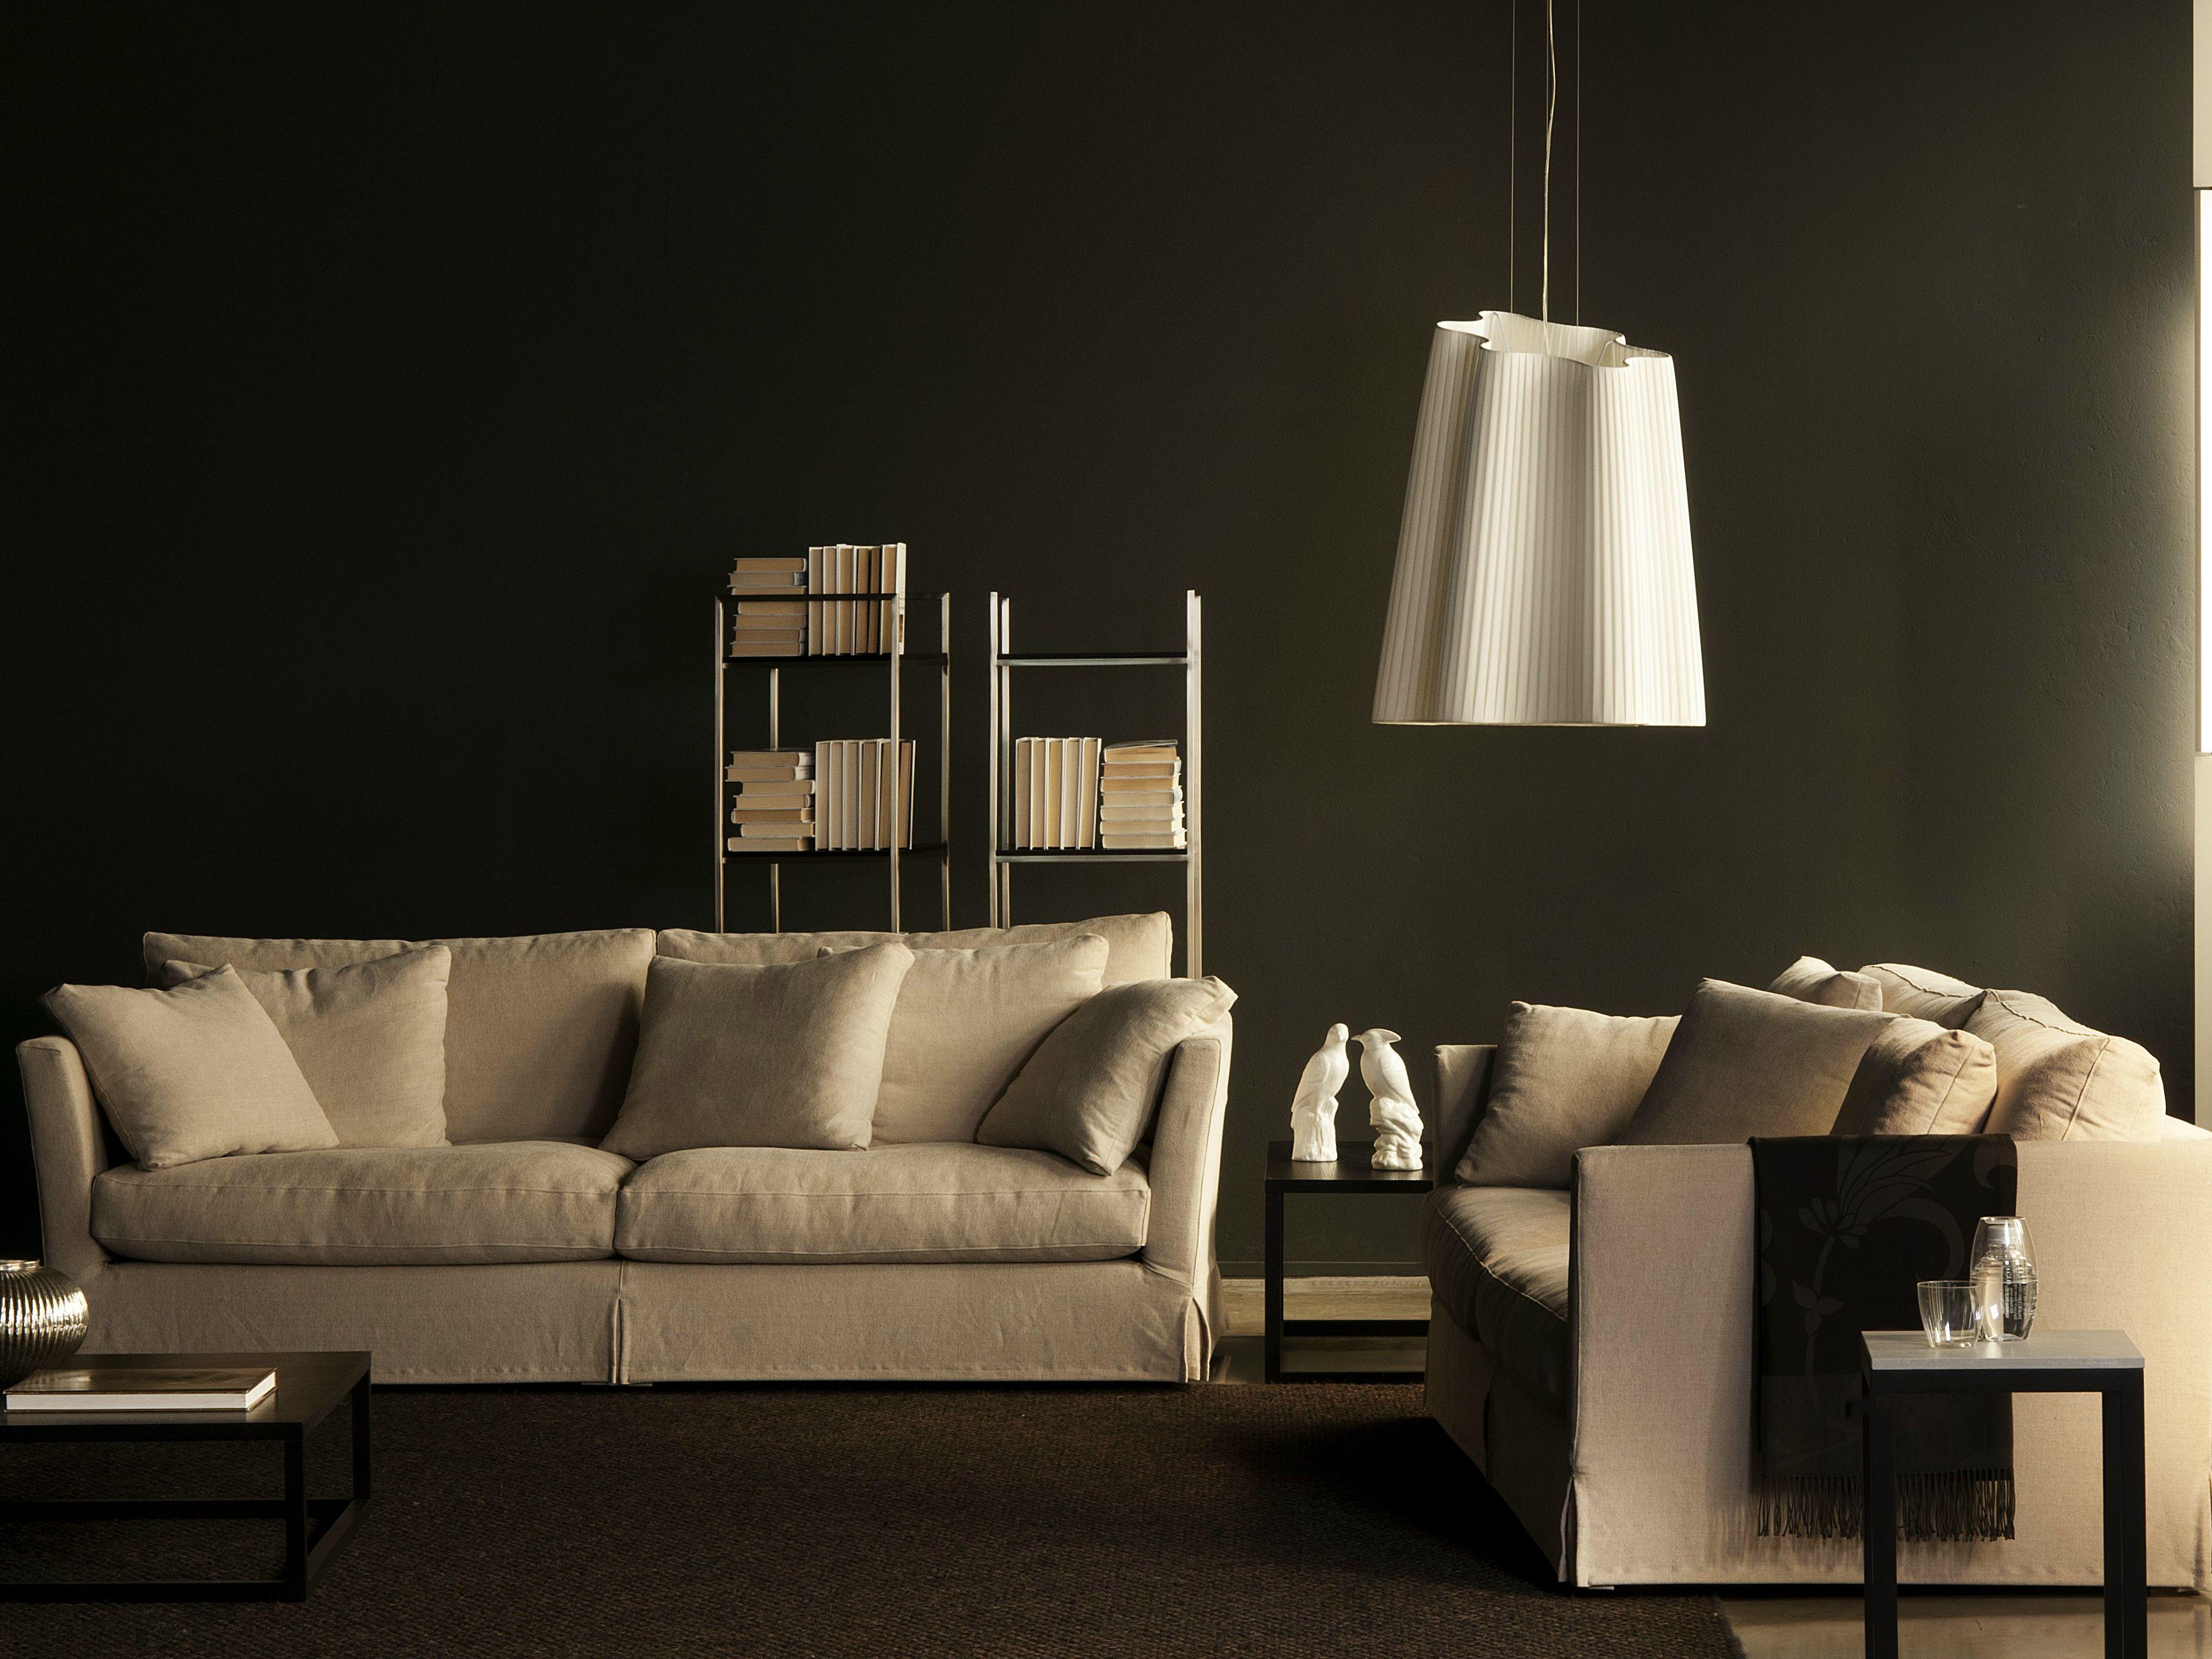 Sof composable modular de tela bellagio by giulio marelli for Sofa modular tela